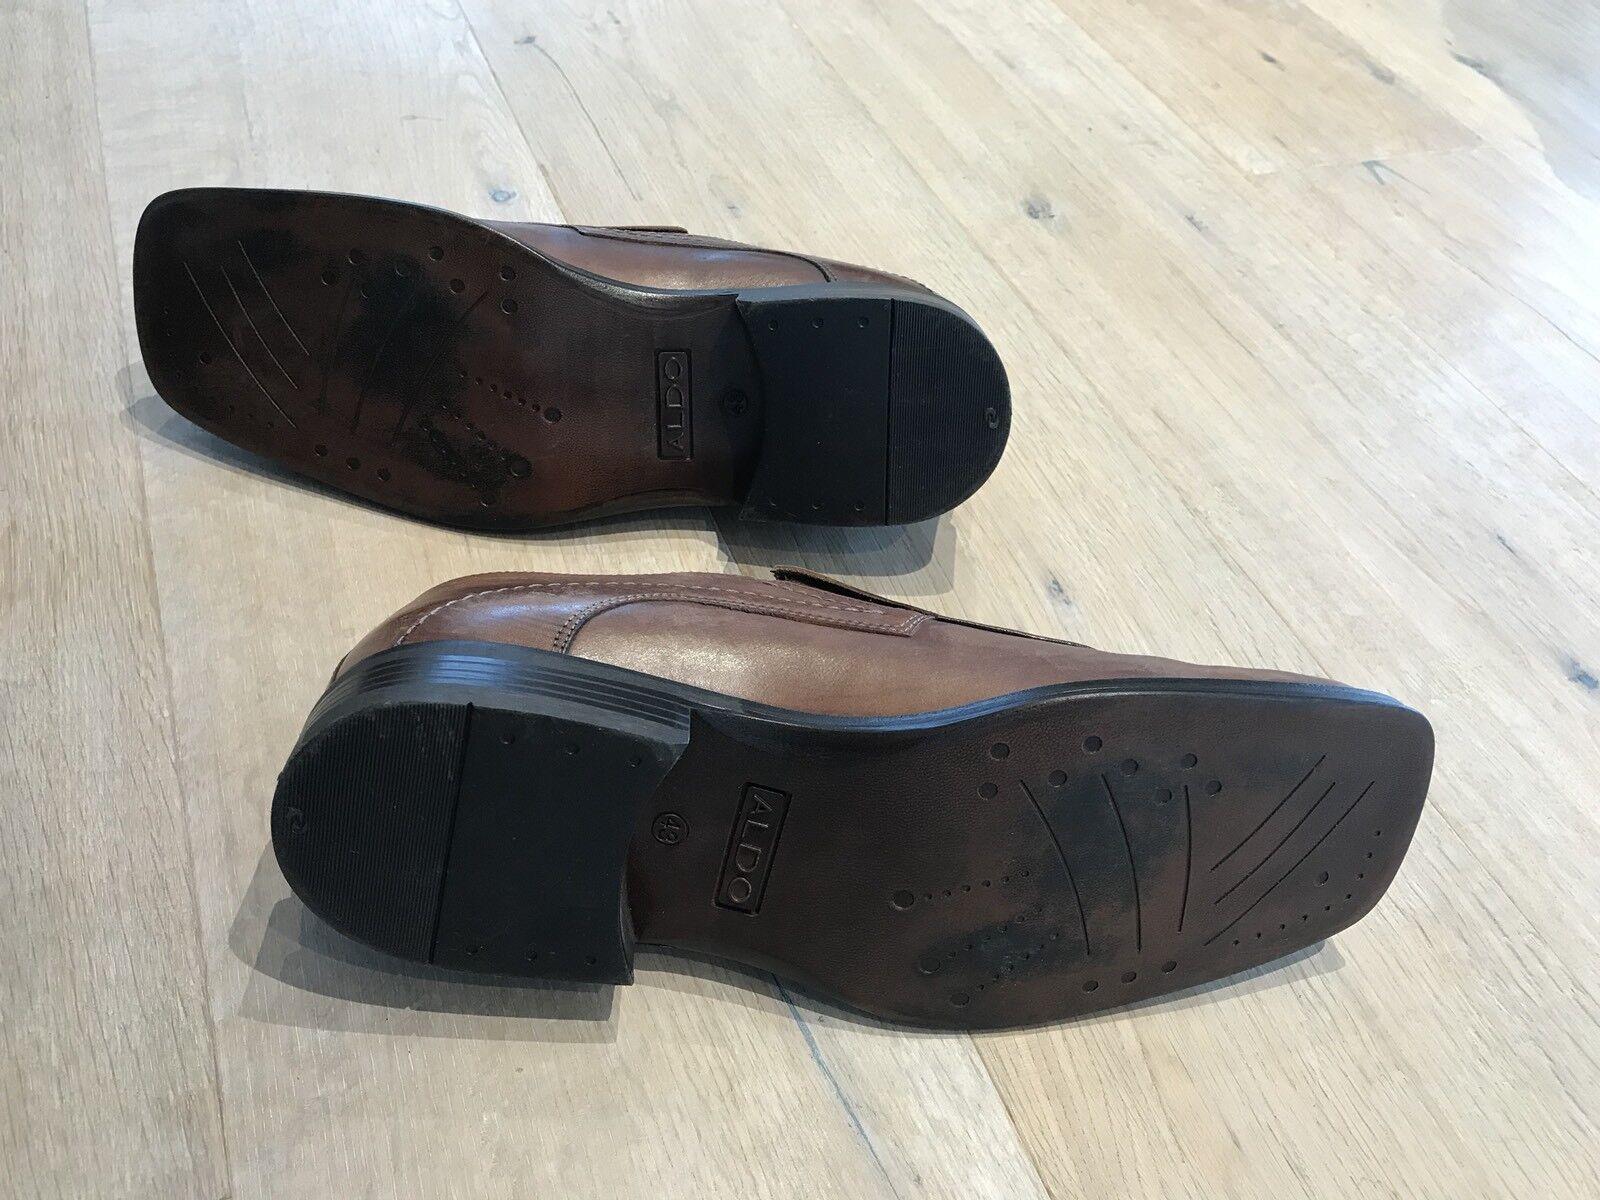 Aldo Business Schuhe Schuhe Business Herren Gr. 43 3a4b83